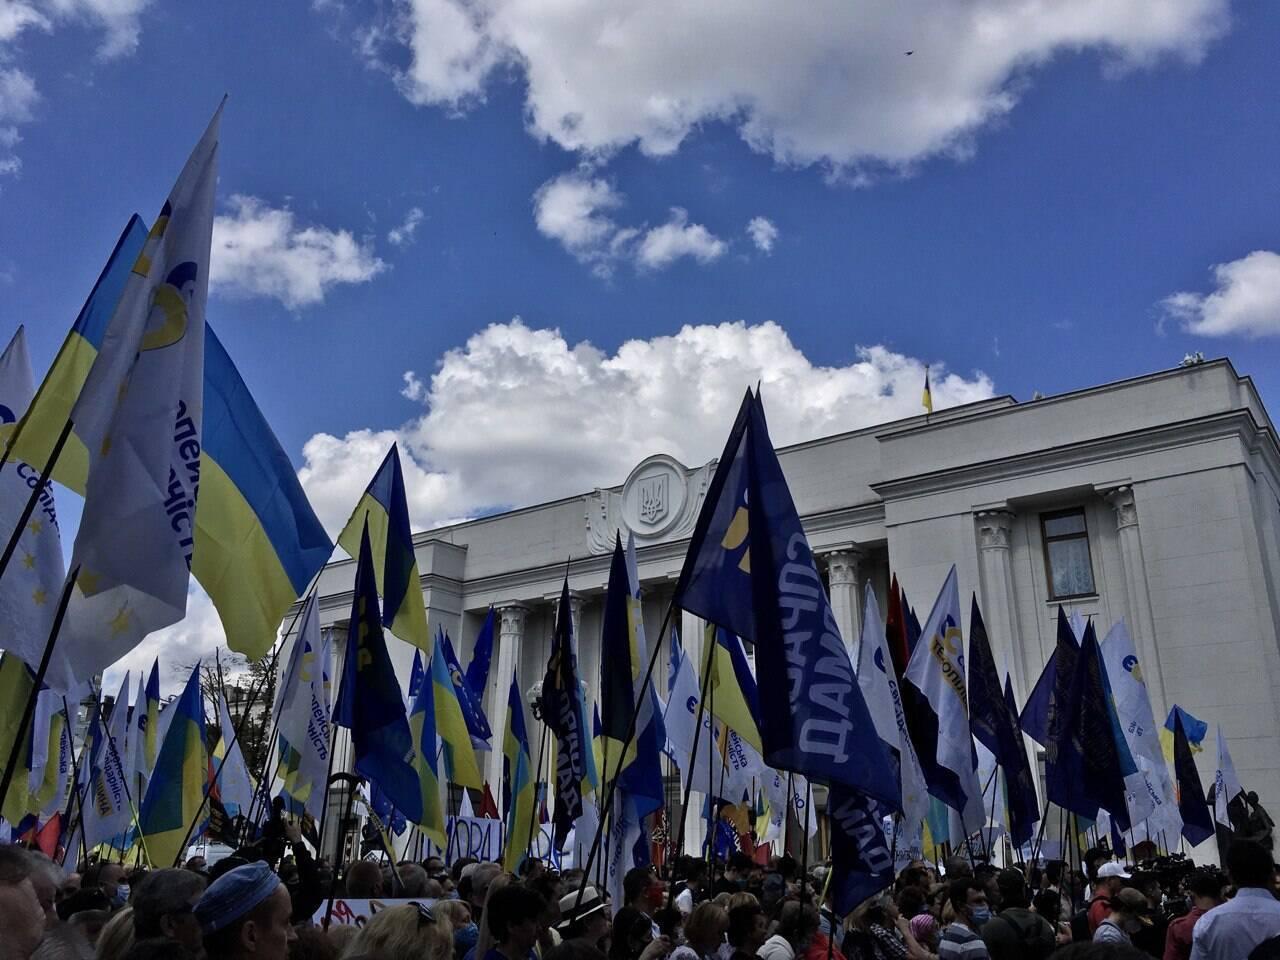 Порошенко на митинге заявил, что язык в Украине уничтожают в угоду Кремлю